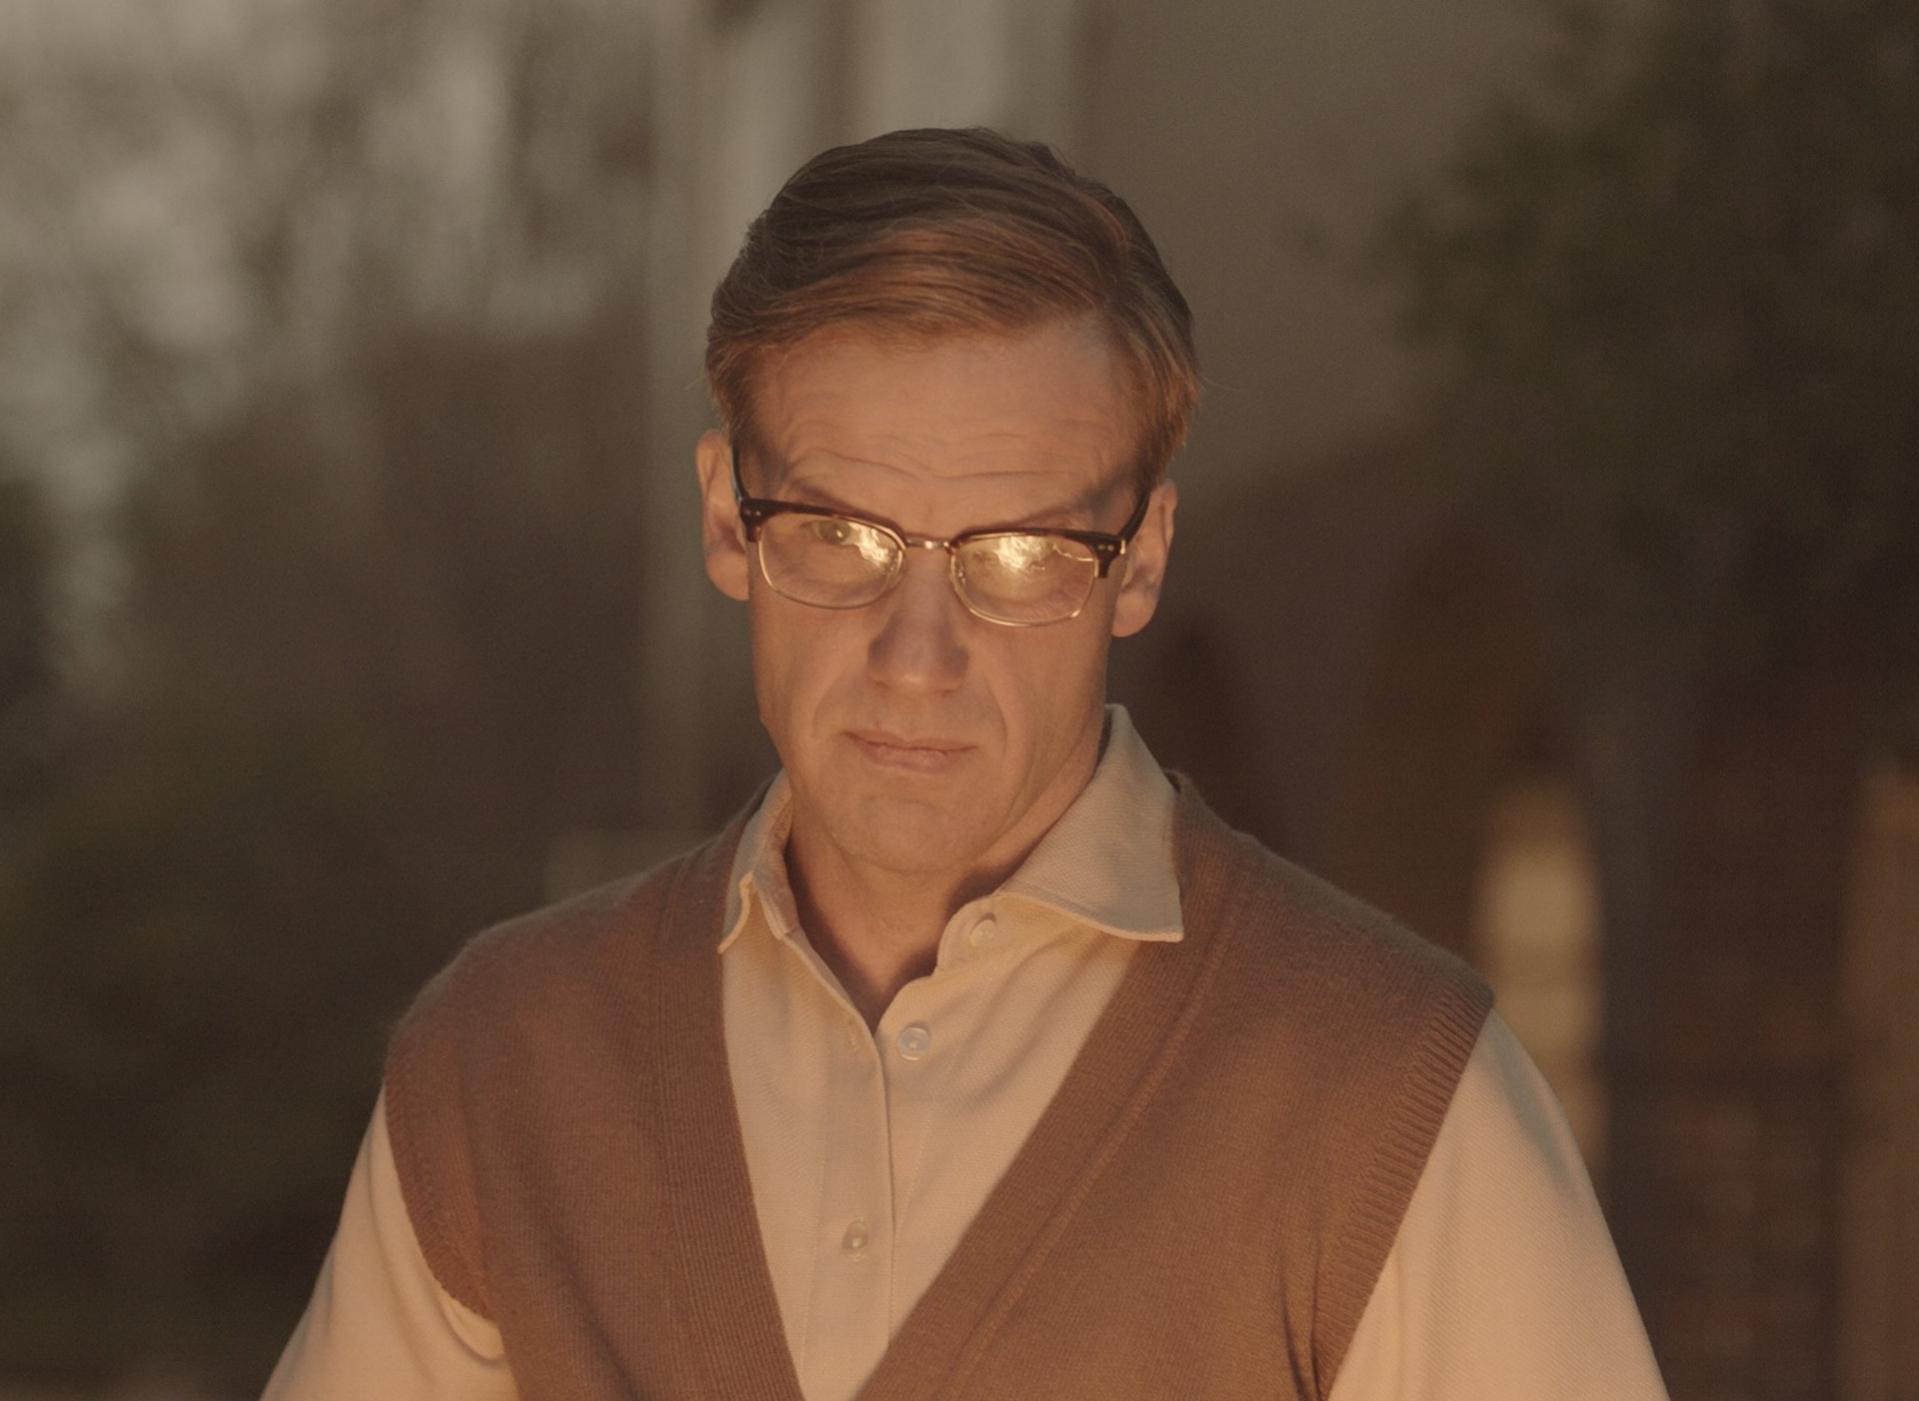 Peter Paul Muller vertolk die hoofrol as Bram Fischer.